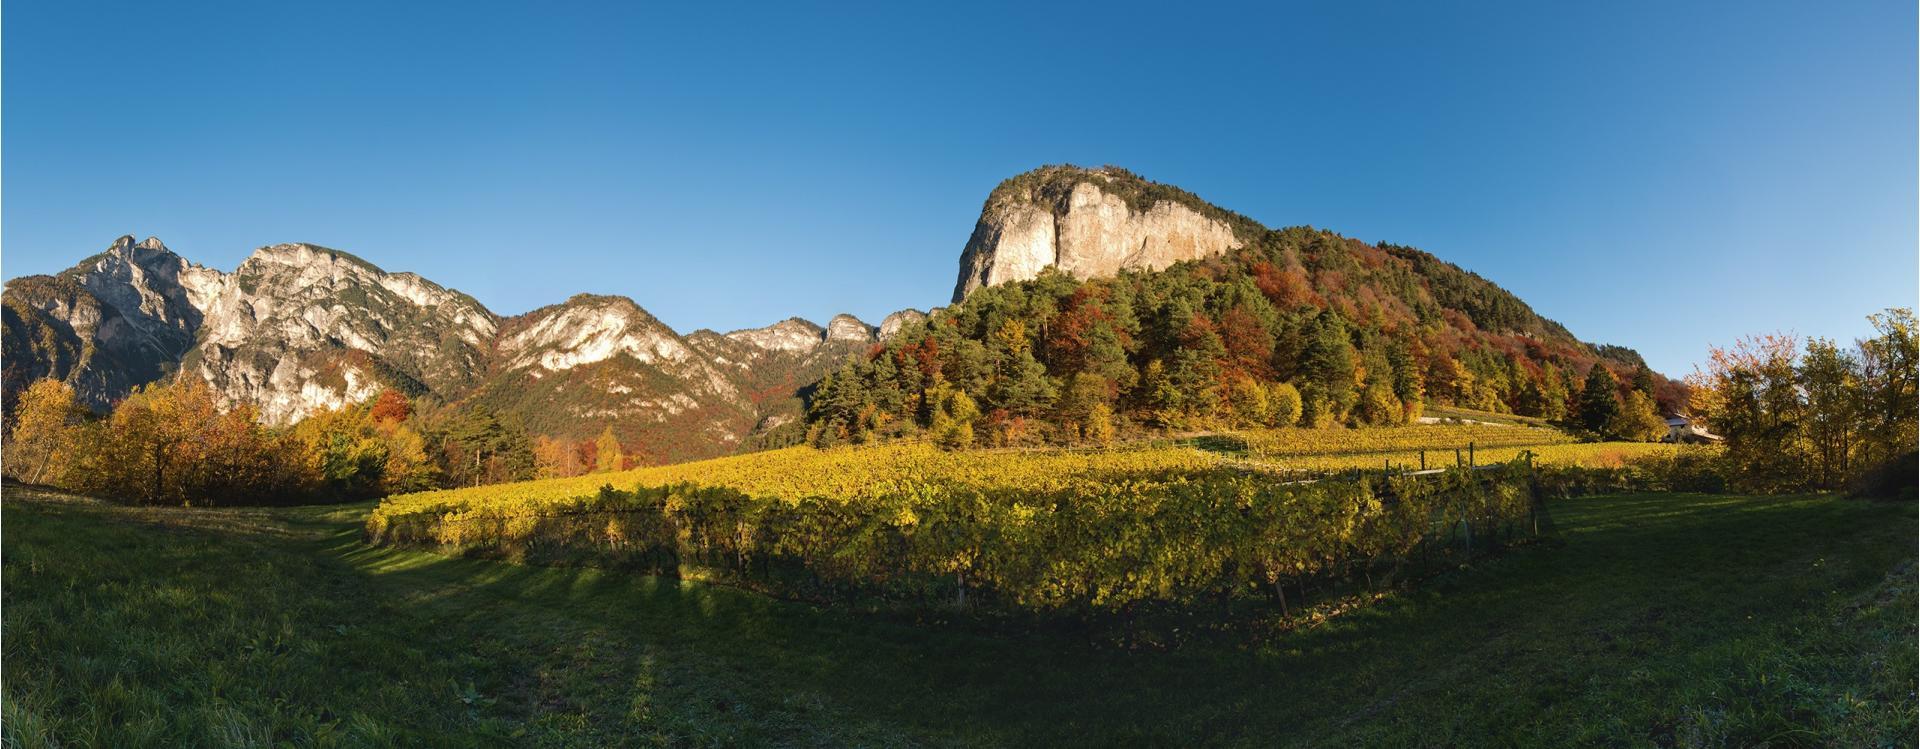 Fennberg Panorama, Weingut Tiefenbrunner